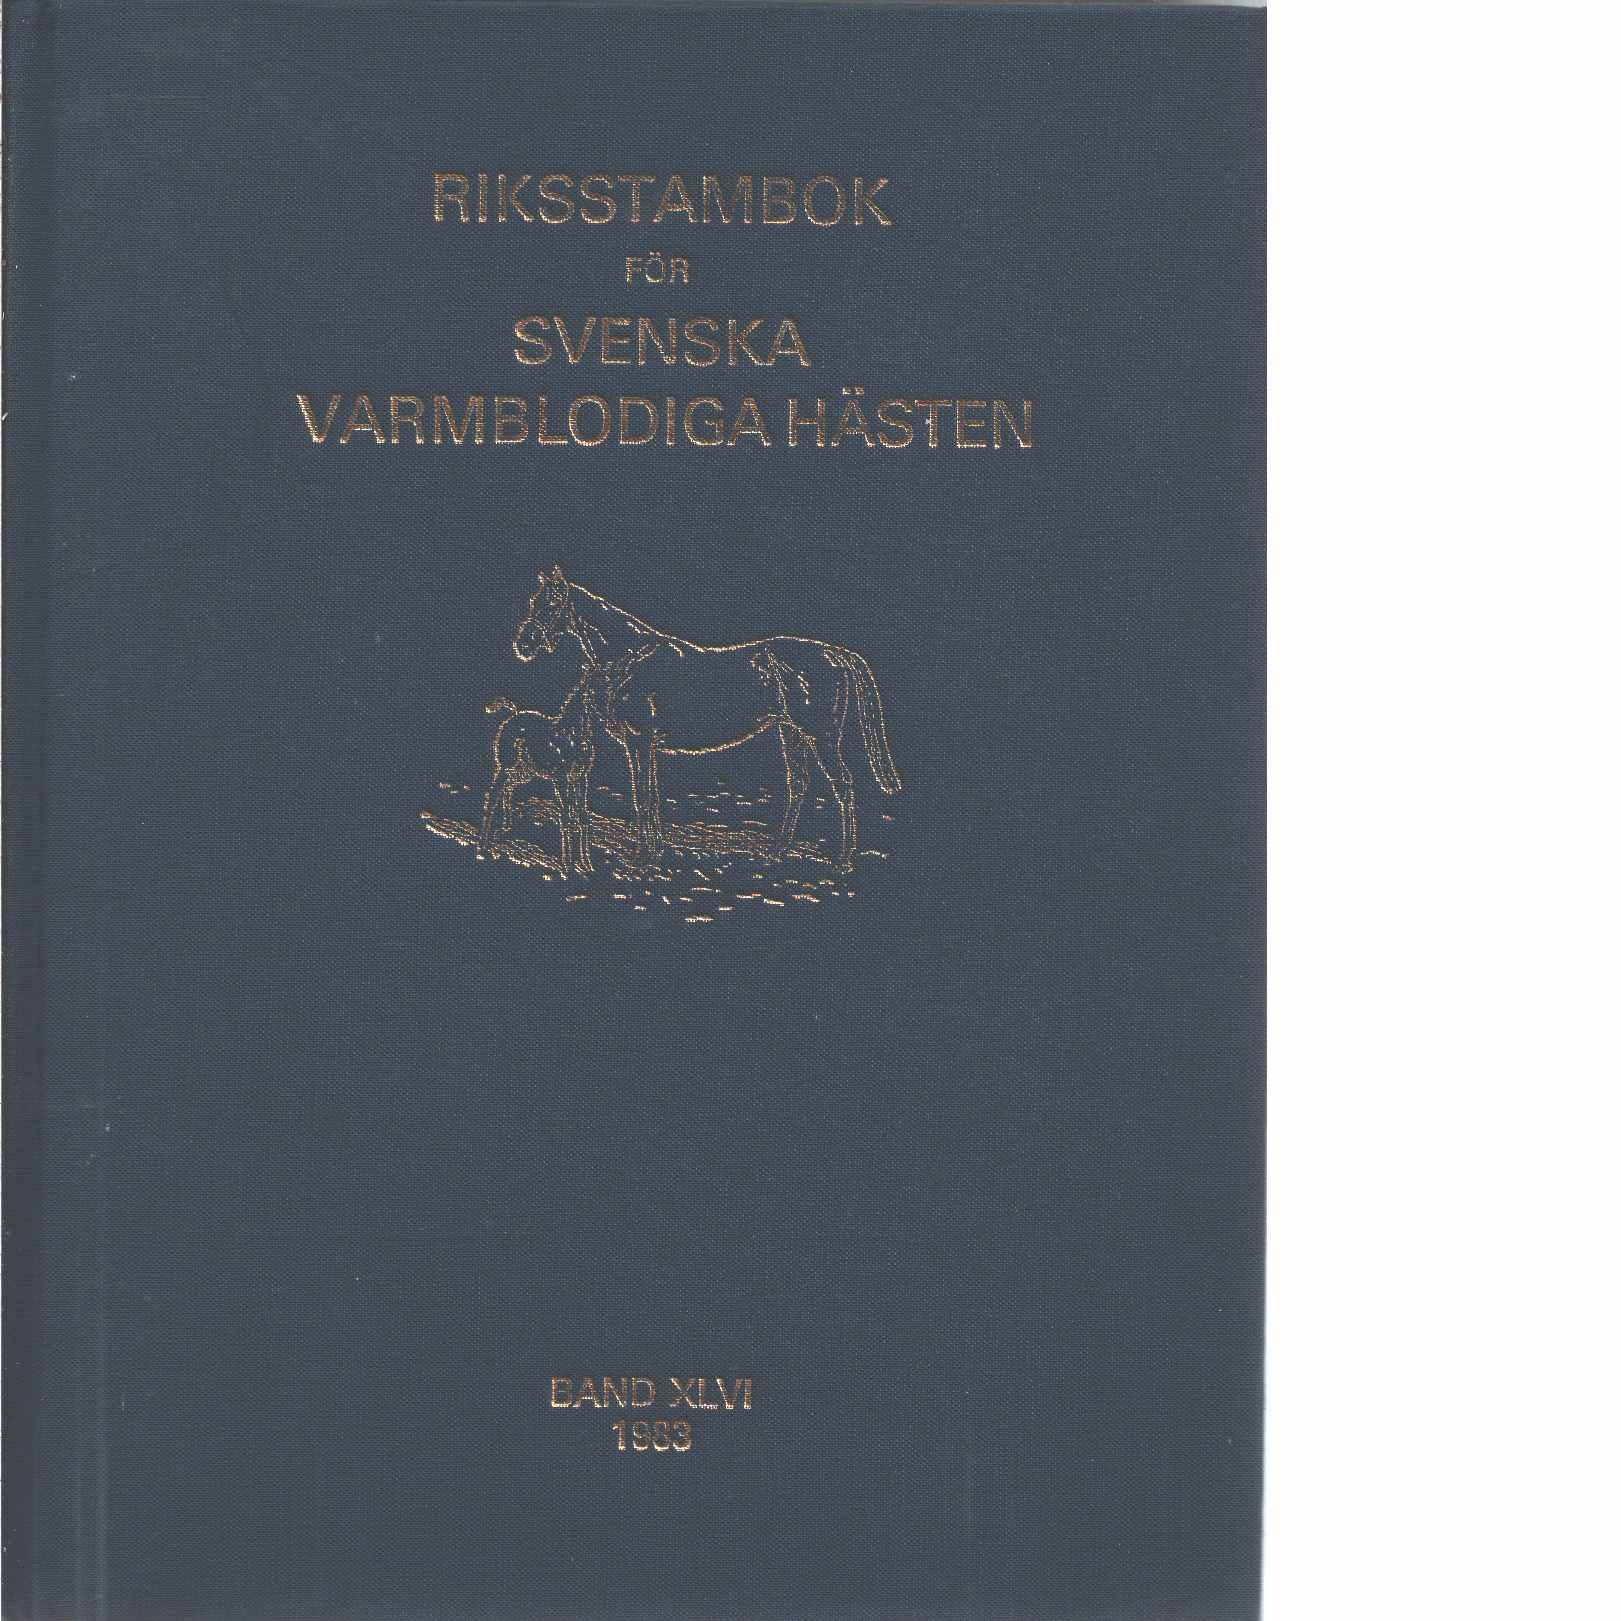 Riksstambok för svenska varmblodiga hästen. - Red. Avelsföreningen för svenska varmblodiga hästen